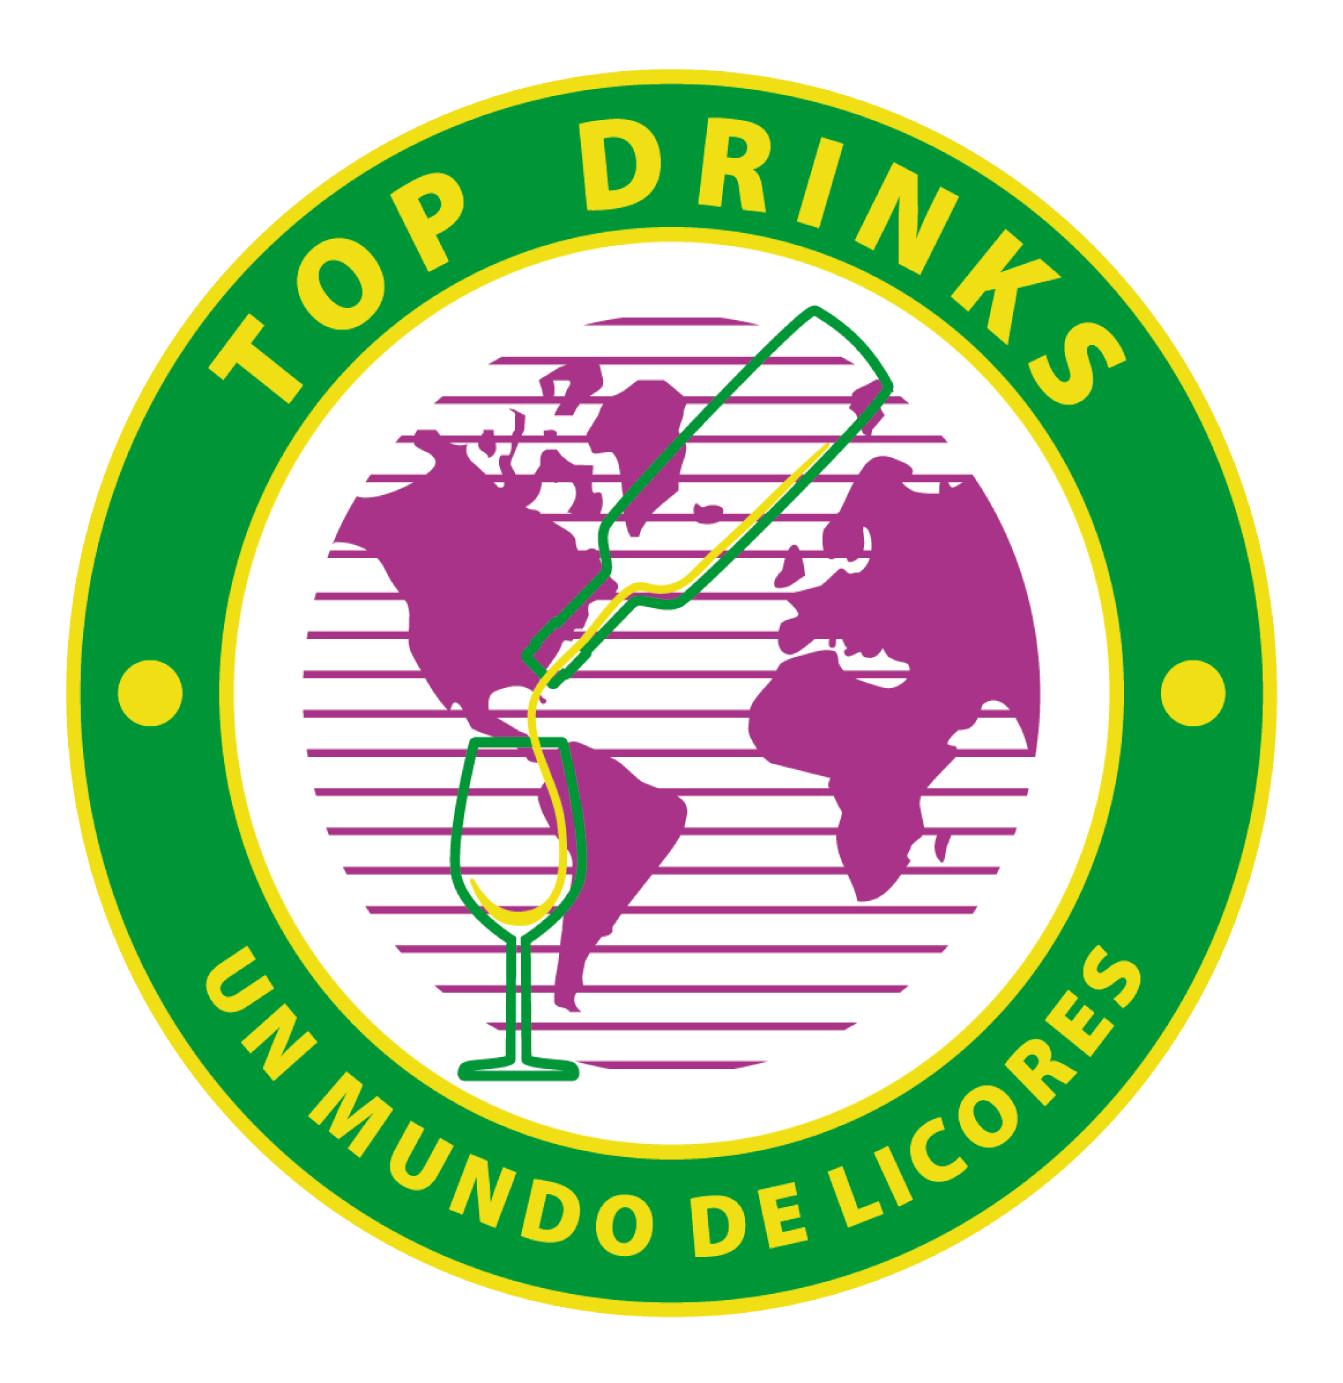 Top Drinks Botillerias